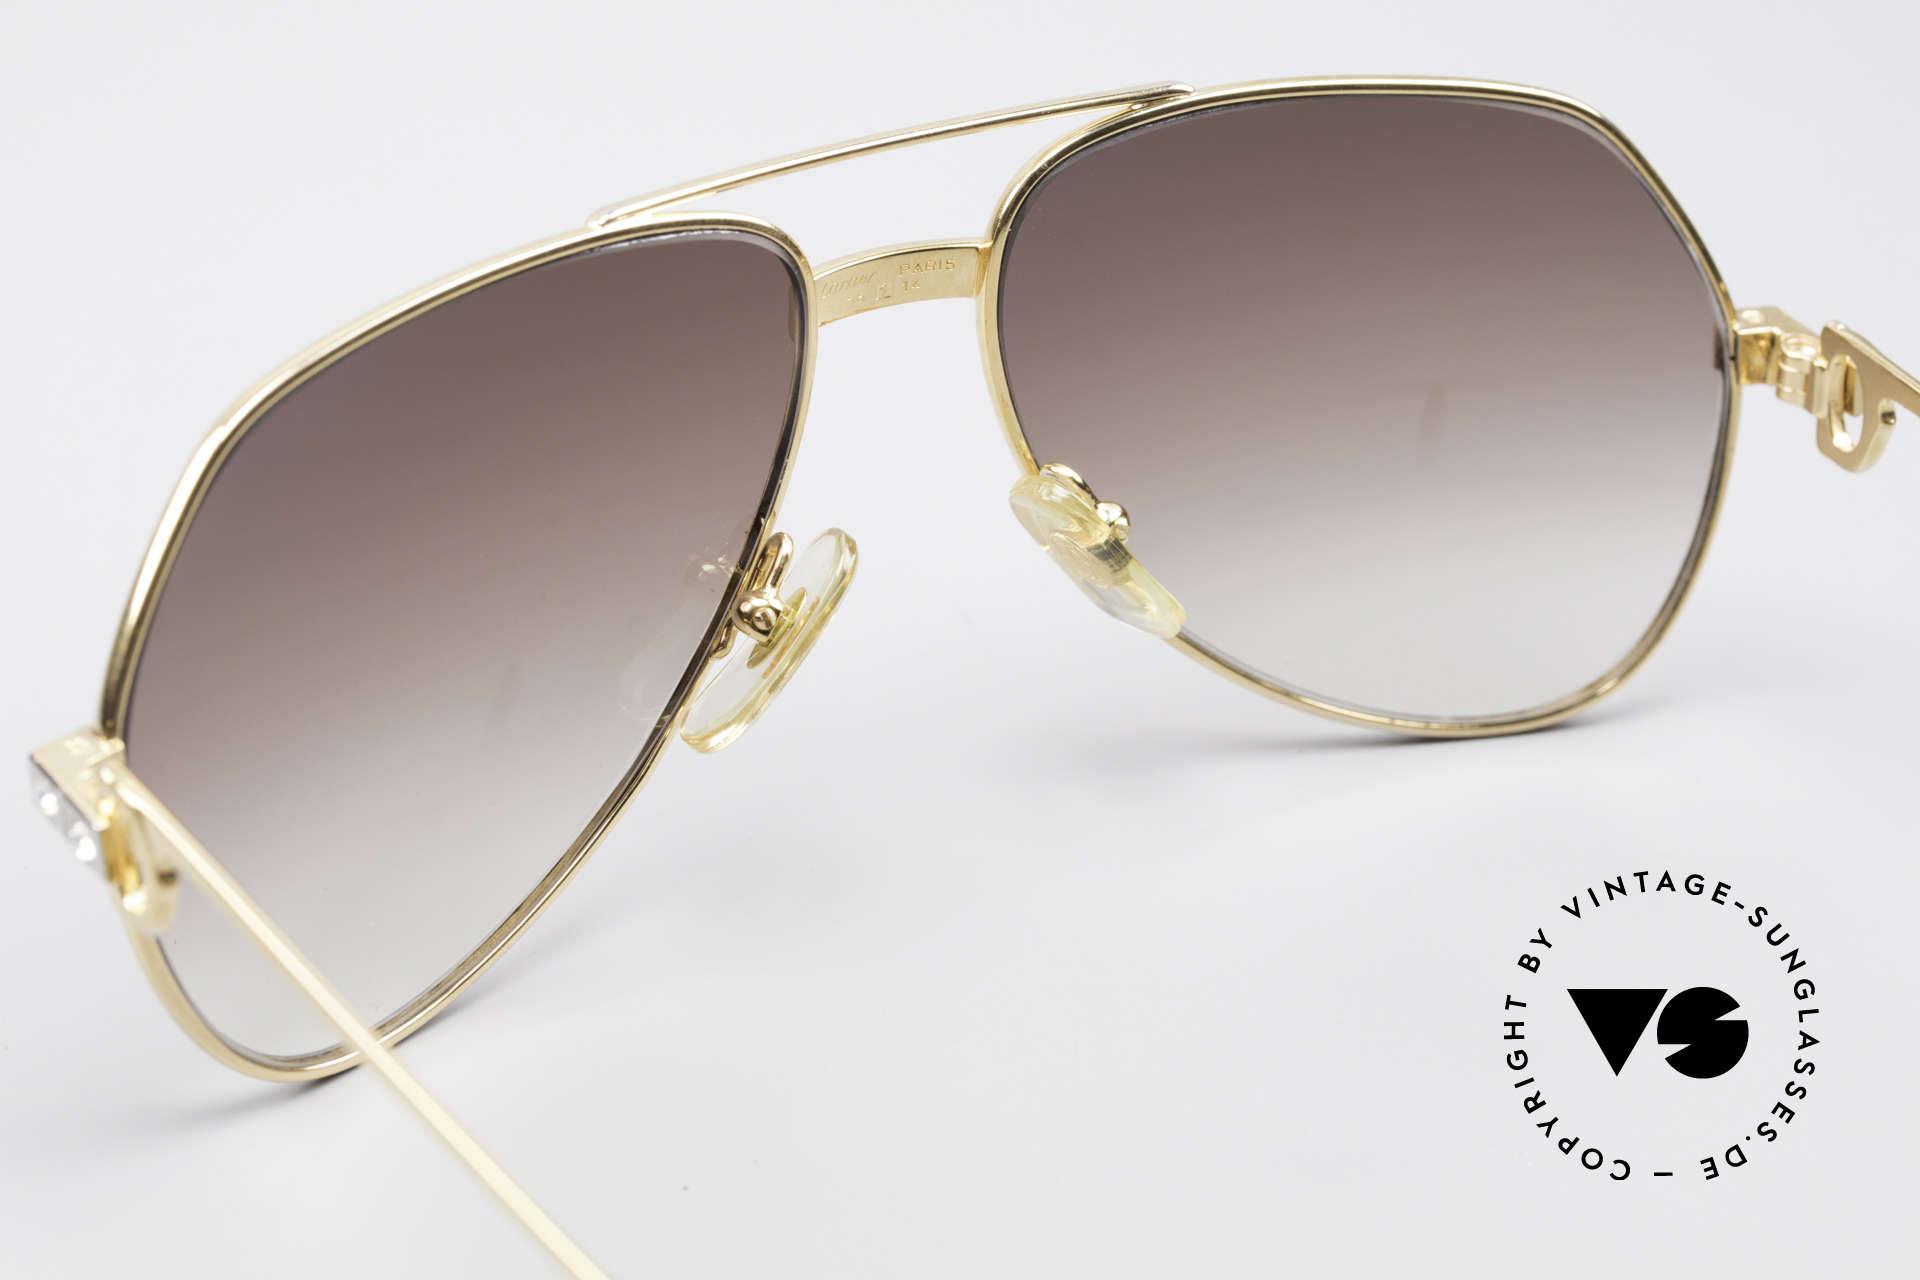 Cartier Vendome Santos - S Customized Crystal Edition, KEINE Retrosonnenbrille; ein altes Original von 1983!, Passend für Herren und Damen